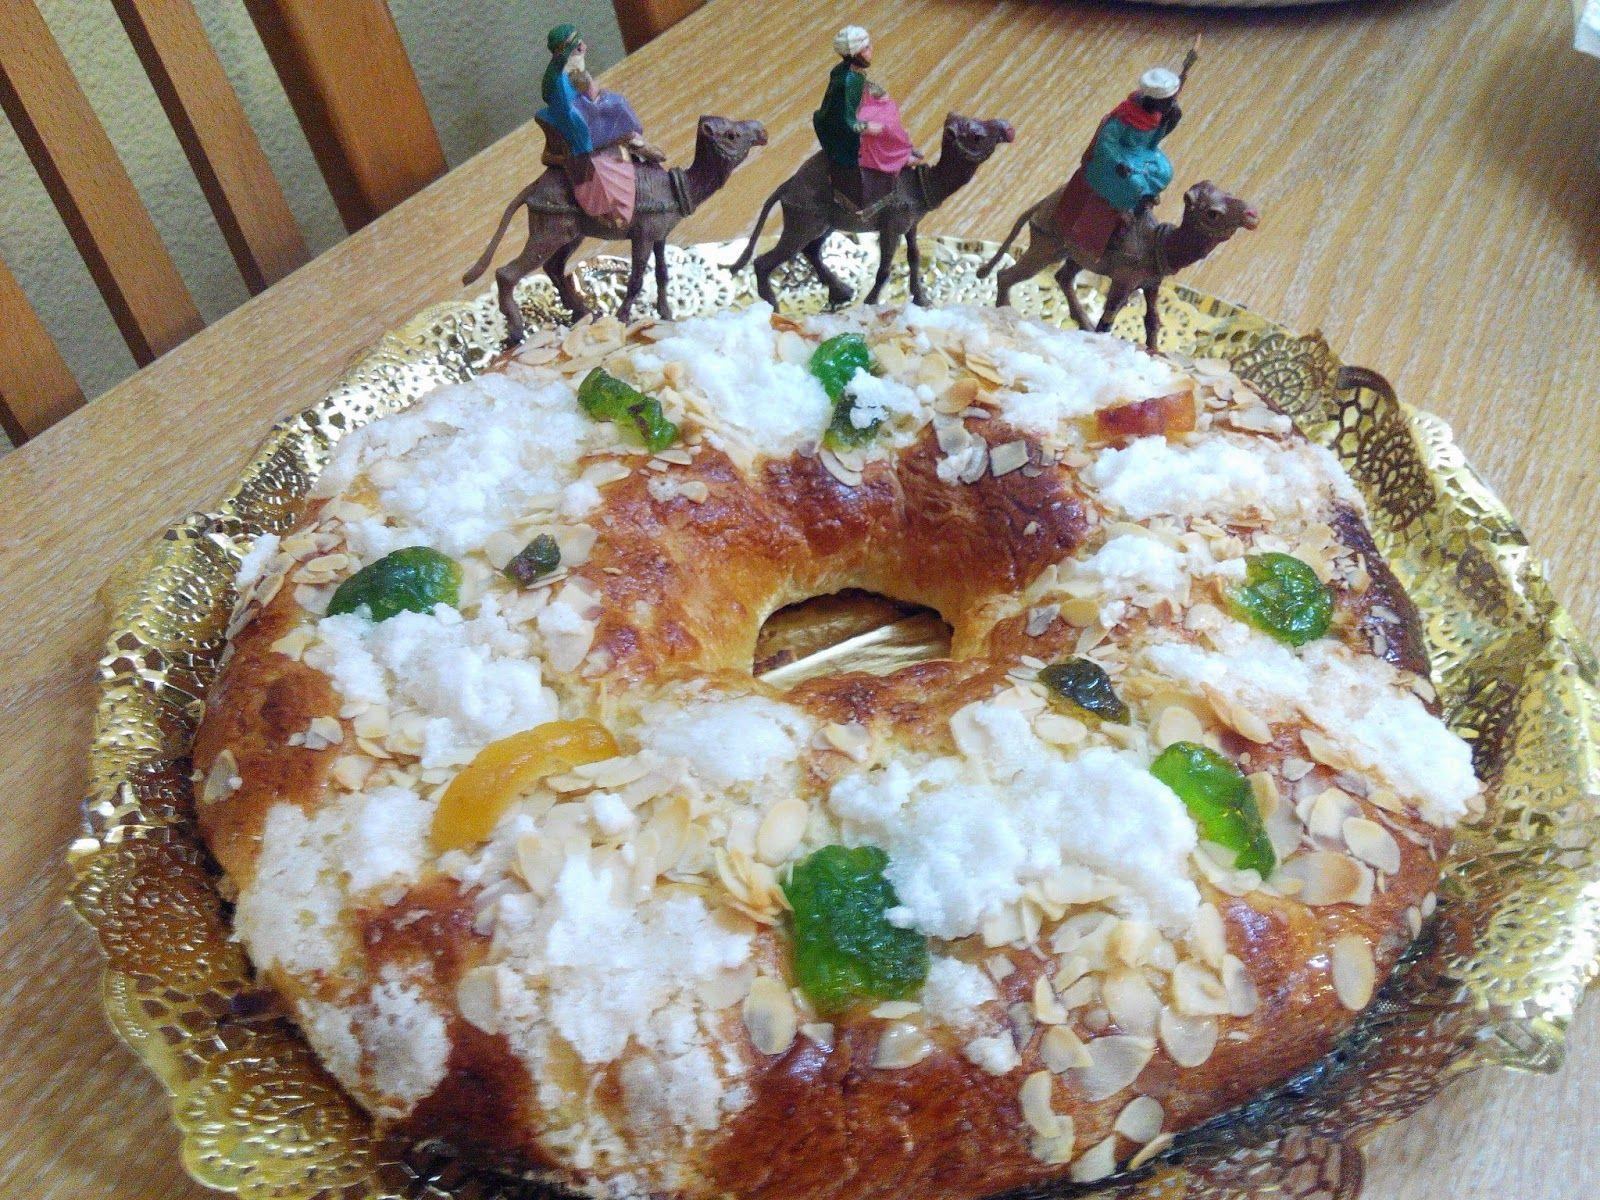 La Cocina De Bea Y Sus Chicos Roscón De Reyes Receta De Prado Camacho Roscón De Reyes Recetas De Comida Batido De Huevo